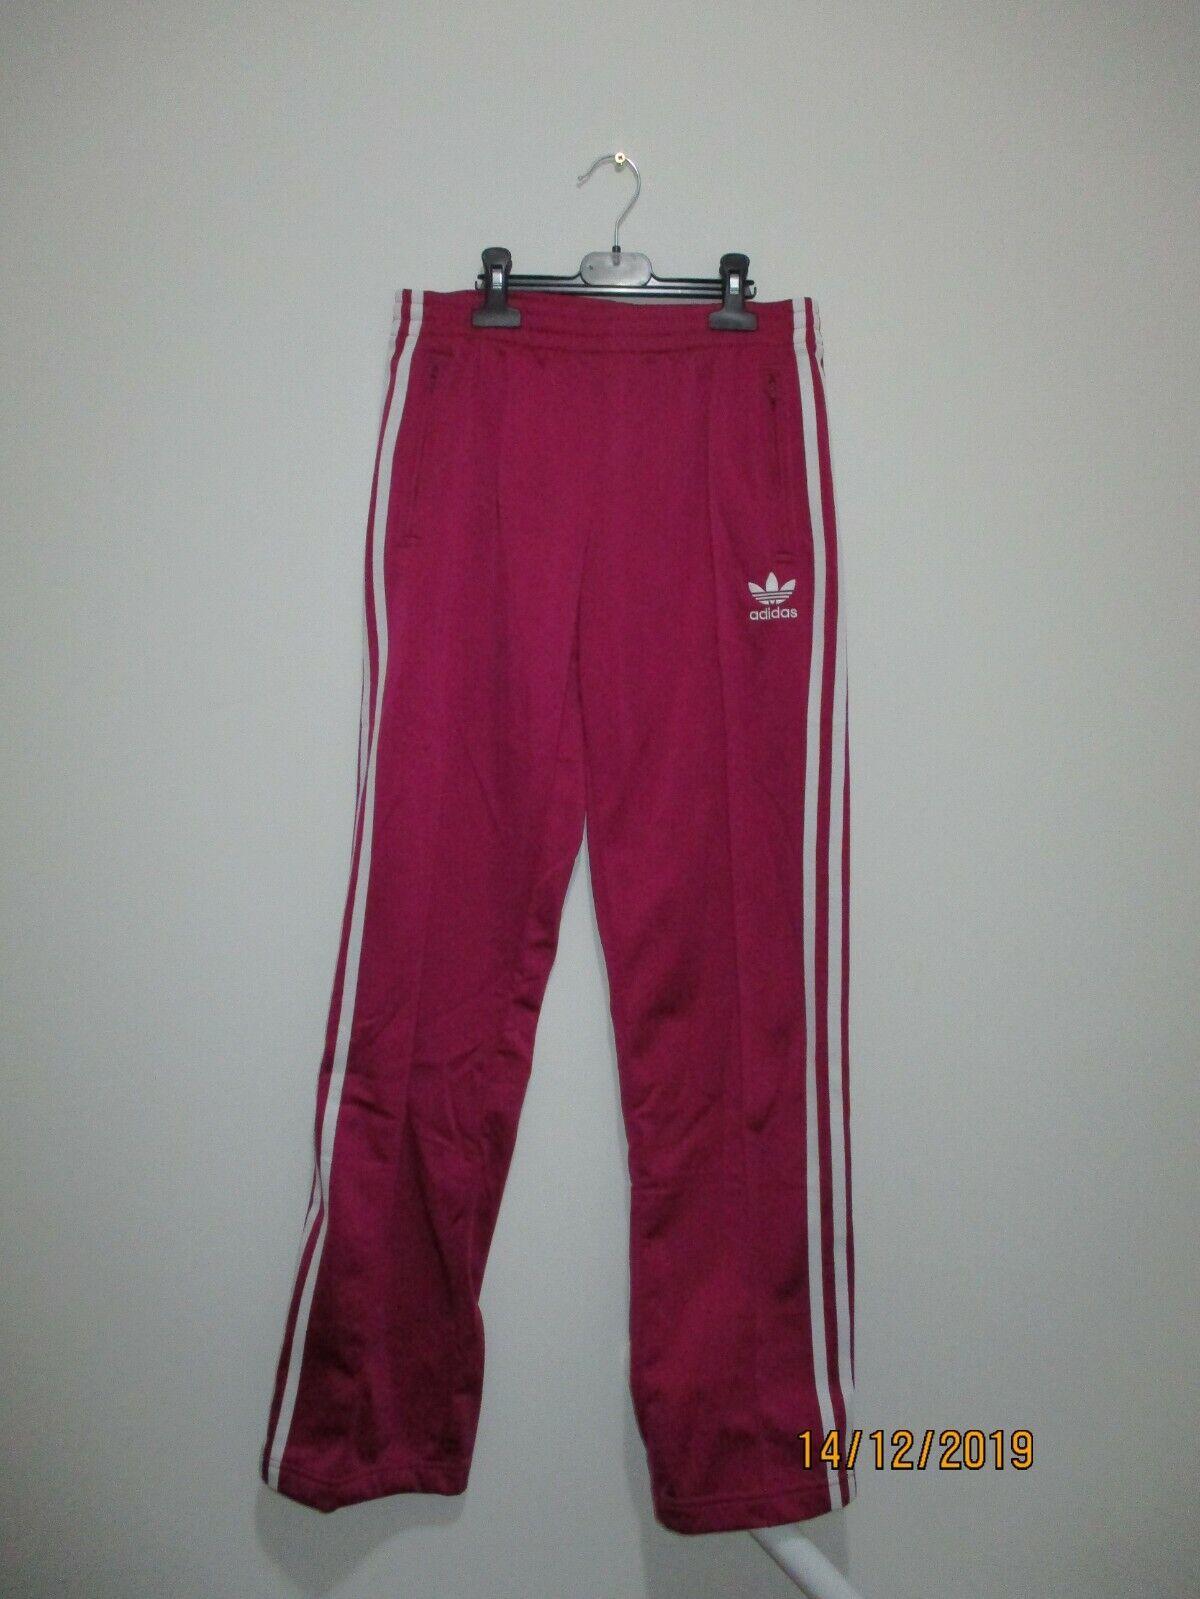 Jogging pantalon adidas femme violet rose taille 34 xs neuf jamais porté